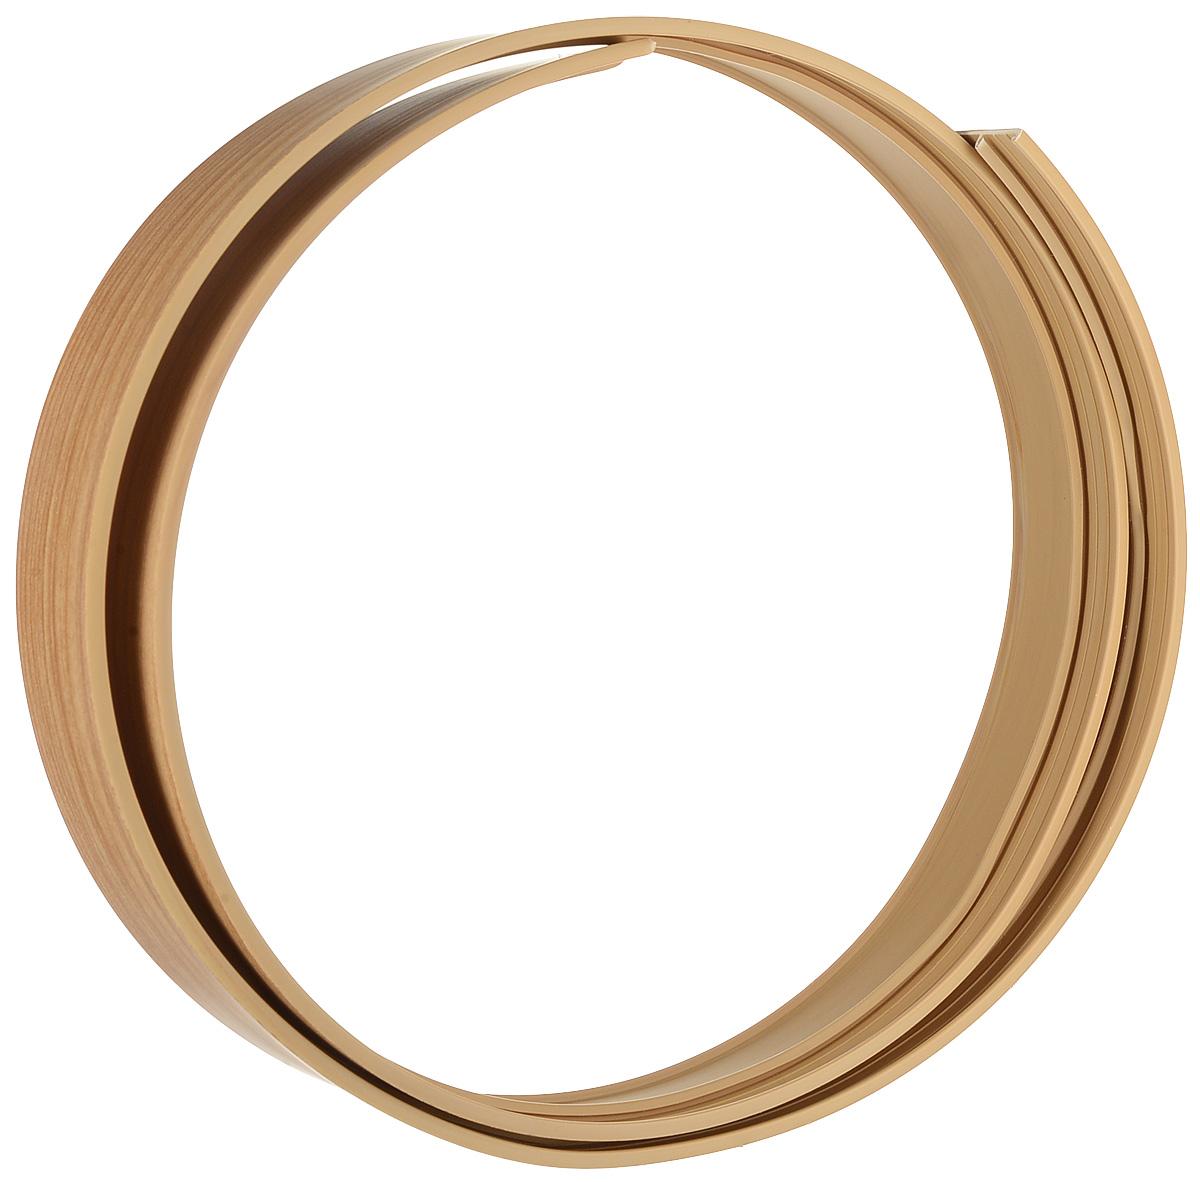 Багет Эскар, цвет: дуб, 5 х 120 см79029Багет Эскар представляет собой изготовленную из поливинилхлорида (ПВХ) полую пластину, применяющуюся как потолочный карниз.Багет для карниза крепится к карнизным шинам. Благодаря багетному карнизу, от взора скрывается верхняя часть штор (шторная лента, крючки), тем самым придавая окну и интерьеру в целом изысканный вид и шарм.